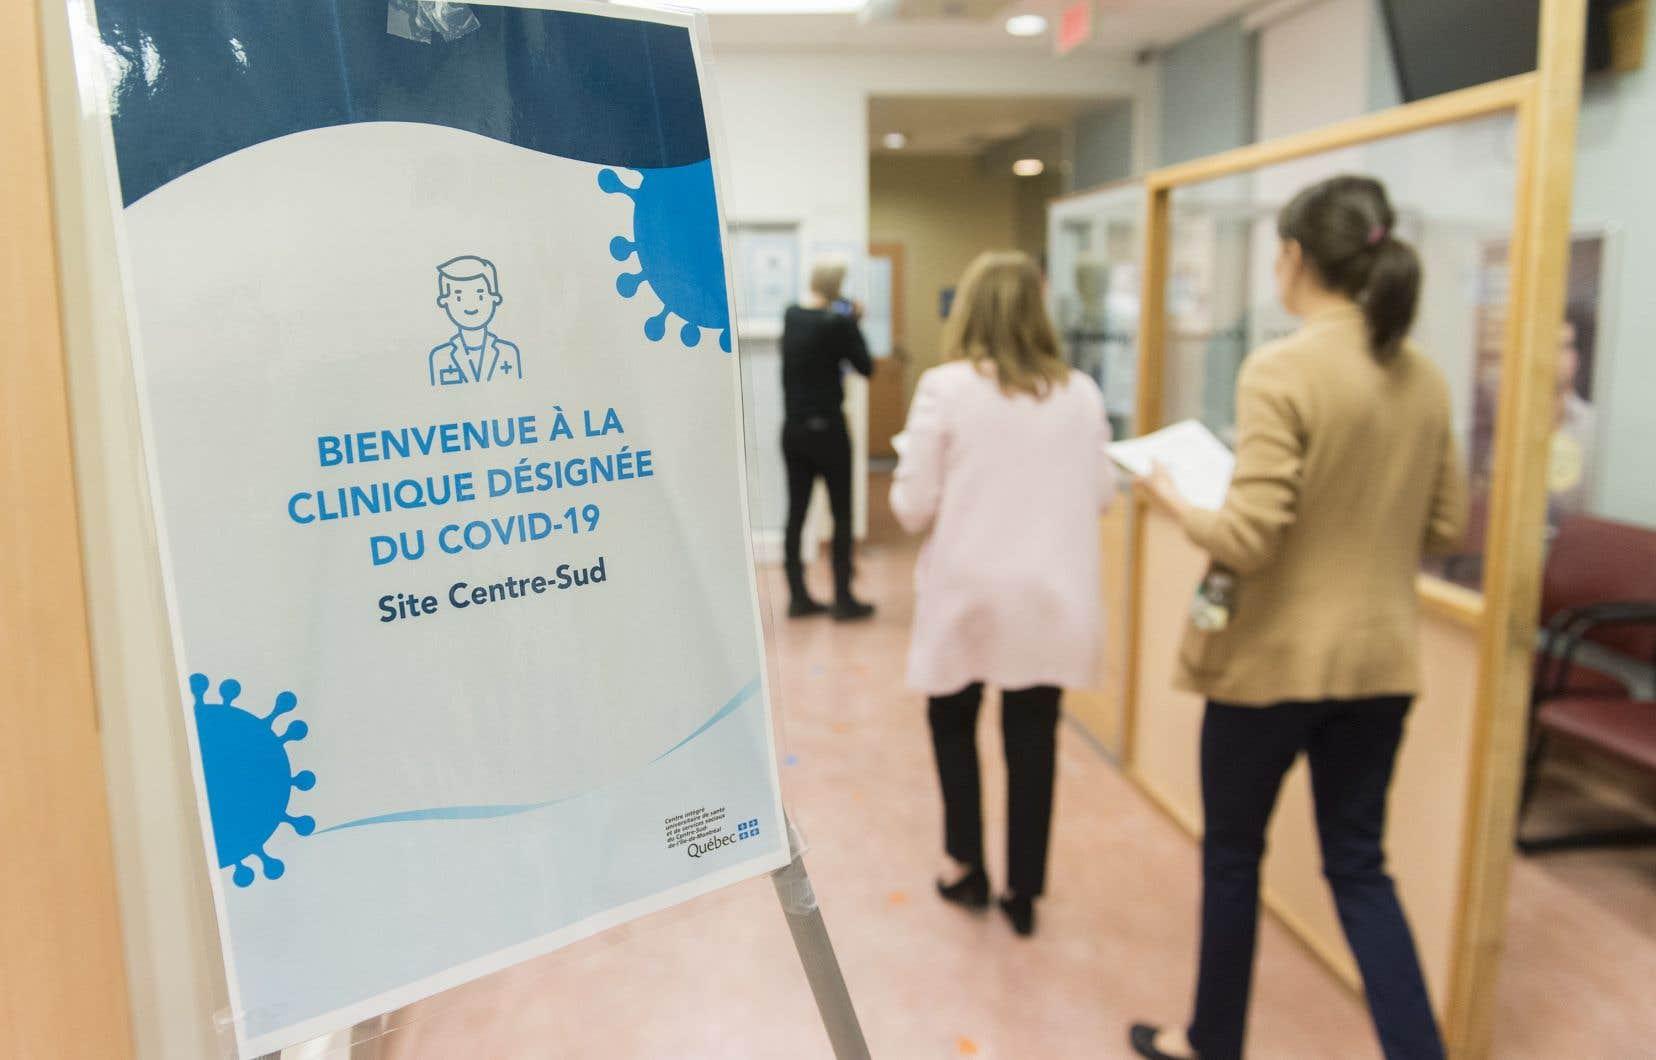 Des gens passent devant un panneau lors d'une visite d'une clinique désignée d'évaluation de la COVID-19, à Montréal, le mardi 10 mars 2020.